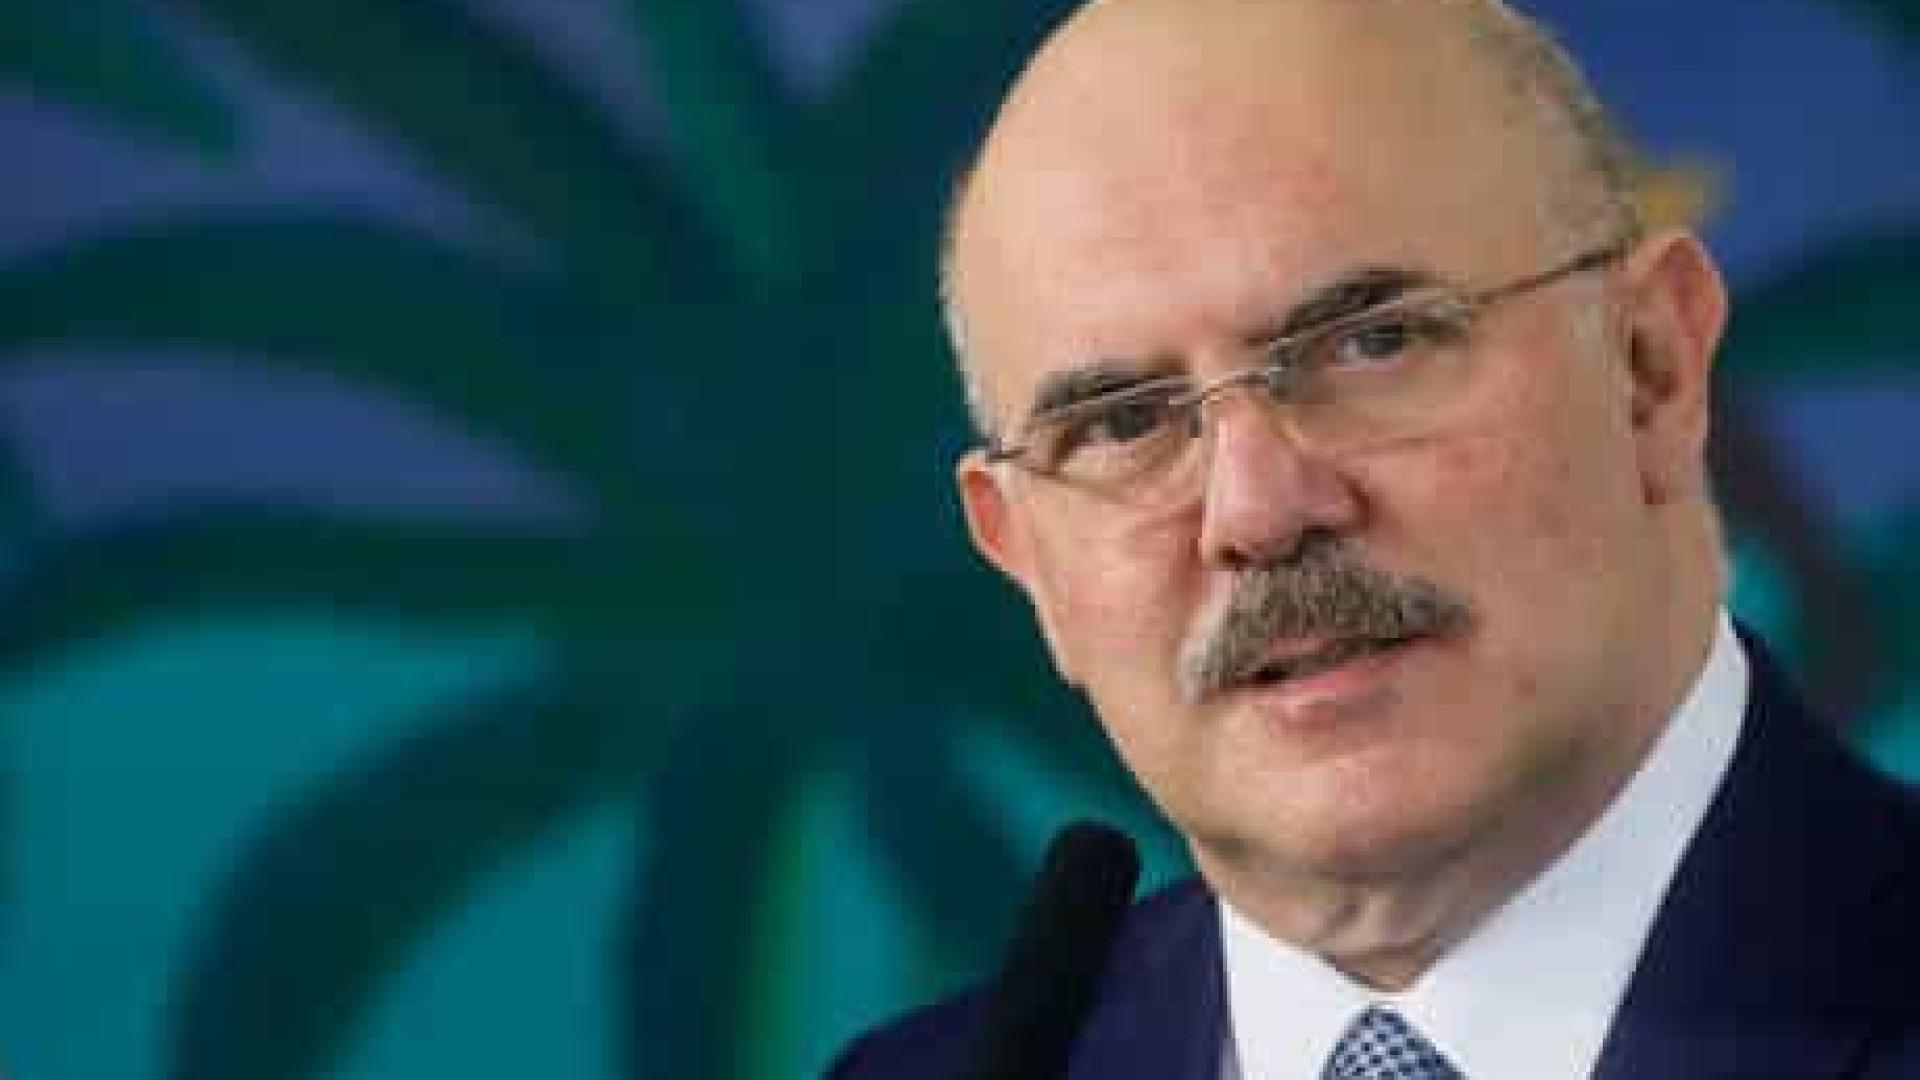 Ministro cita economia ao falar de Enem: 'Imagina se tivéssemos contratado tudo?'